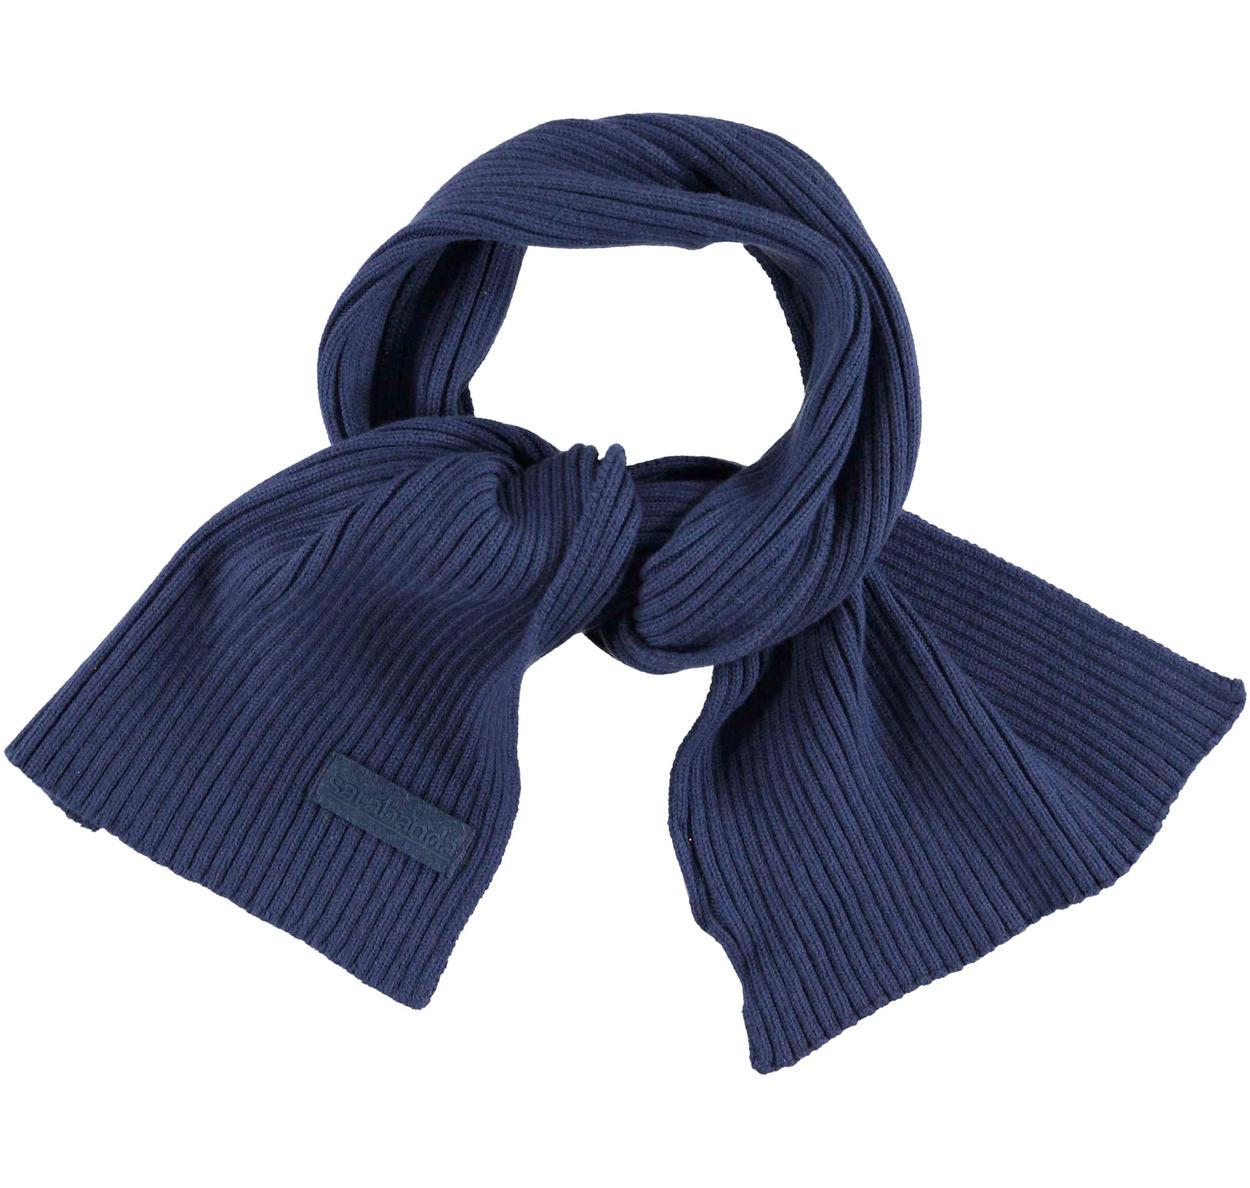 Sciarpa in tricot misto cotone per bambino da 6 mesi a 7 anni Sarabanda  NAVY- f5f268cf063b